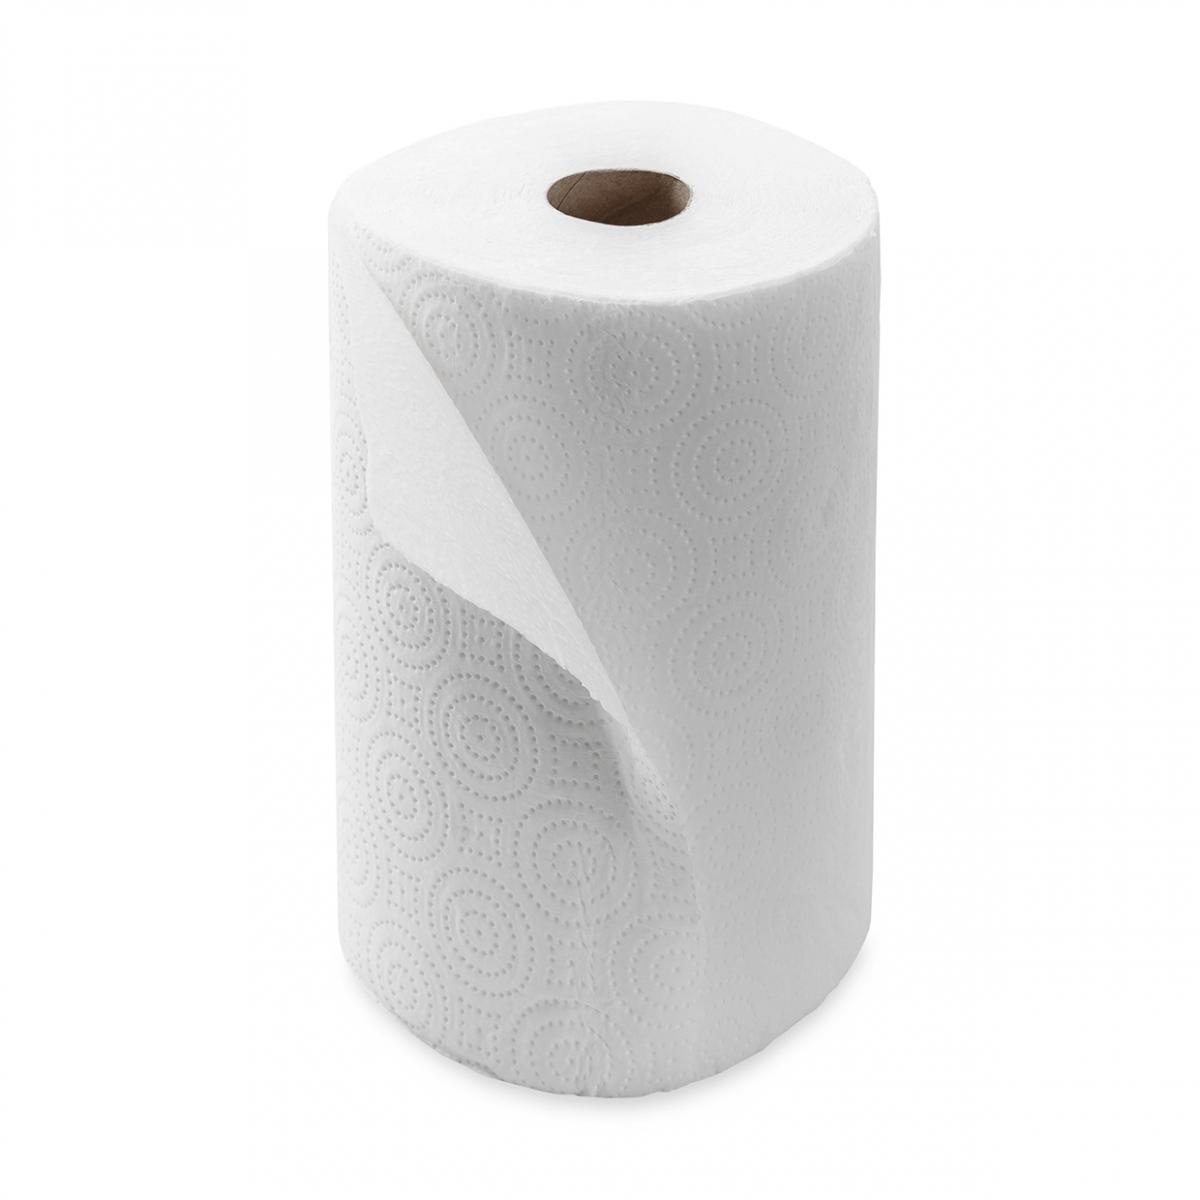 Imagen en la que se ve un rollo de papel de cocina